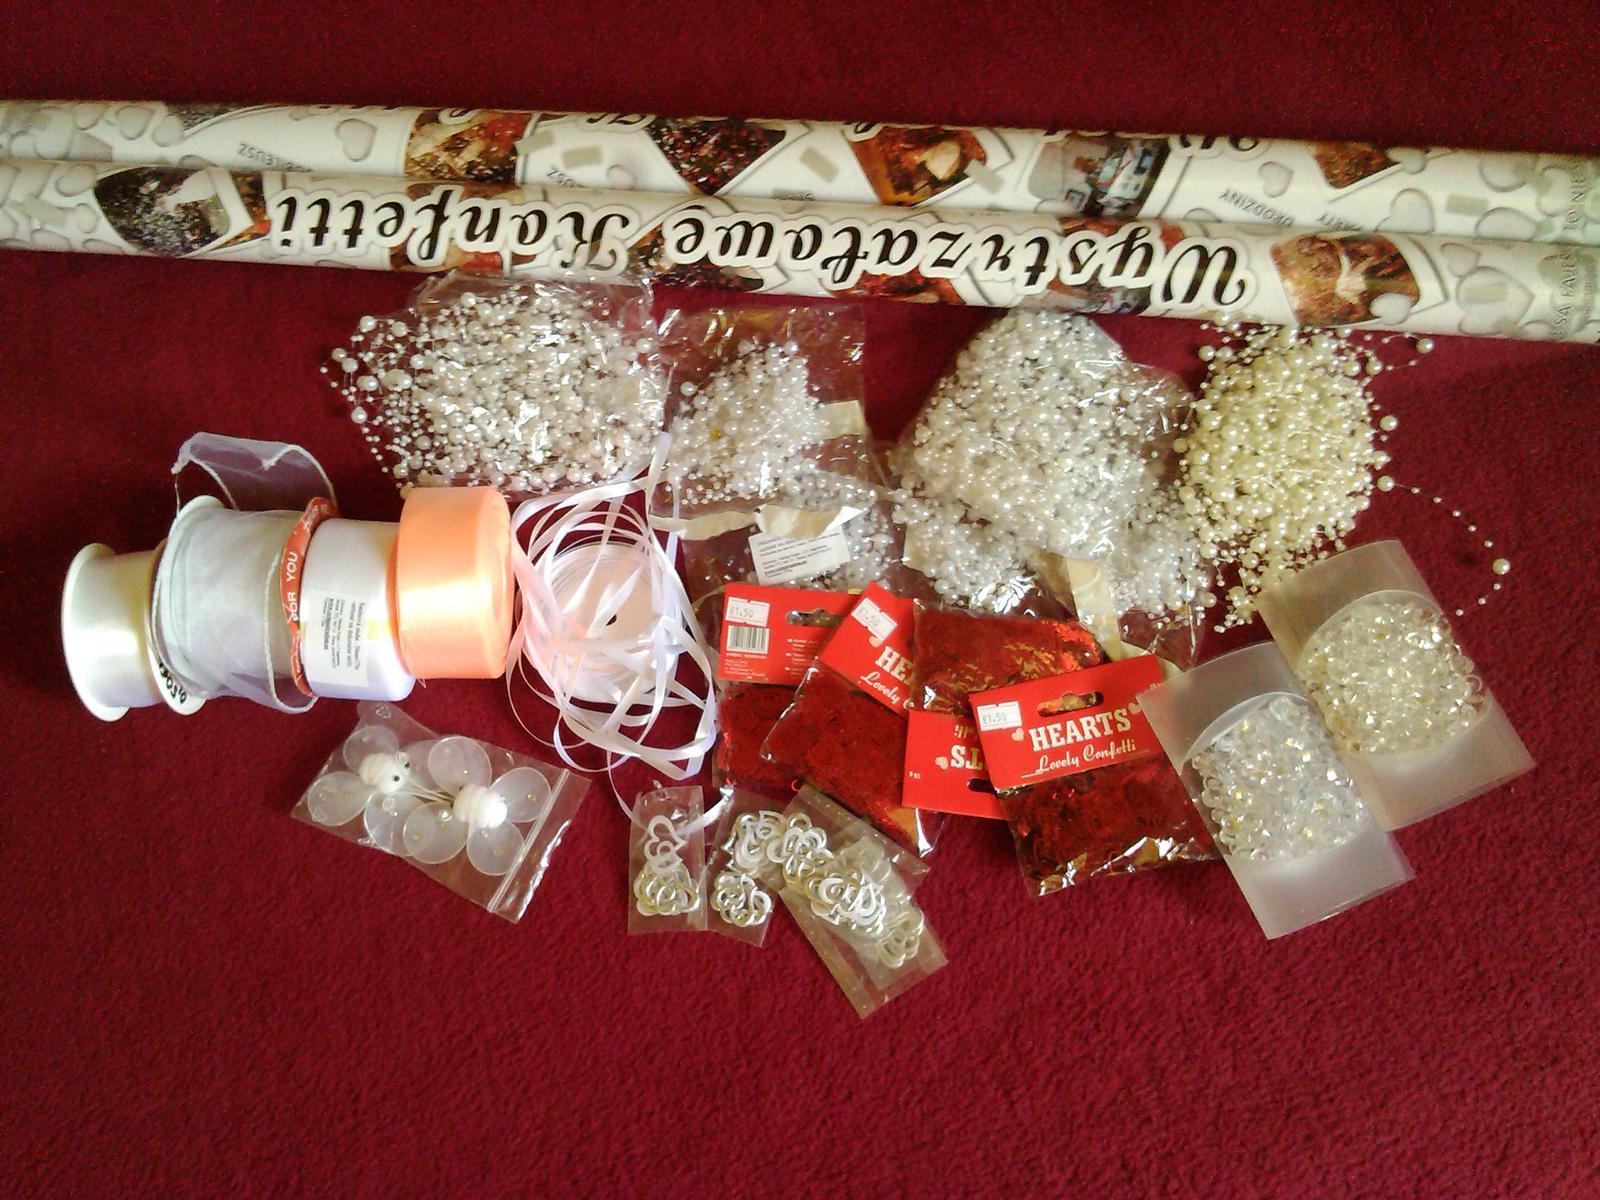 Realizácia mojich detských snov :D - dekorácie na stôl a brány...vystreľovacie konfety po východe z kostola